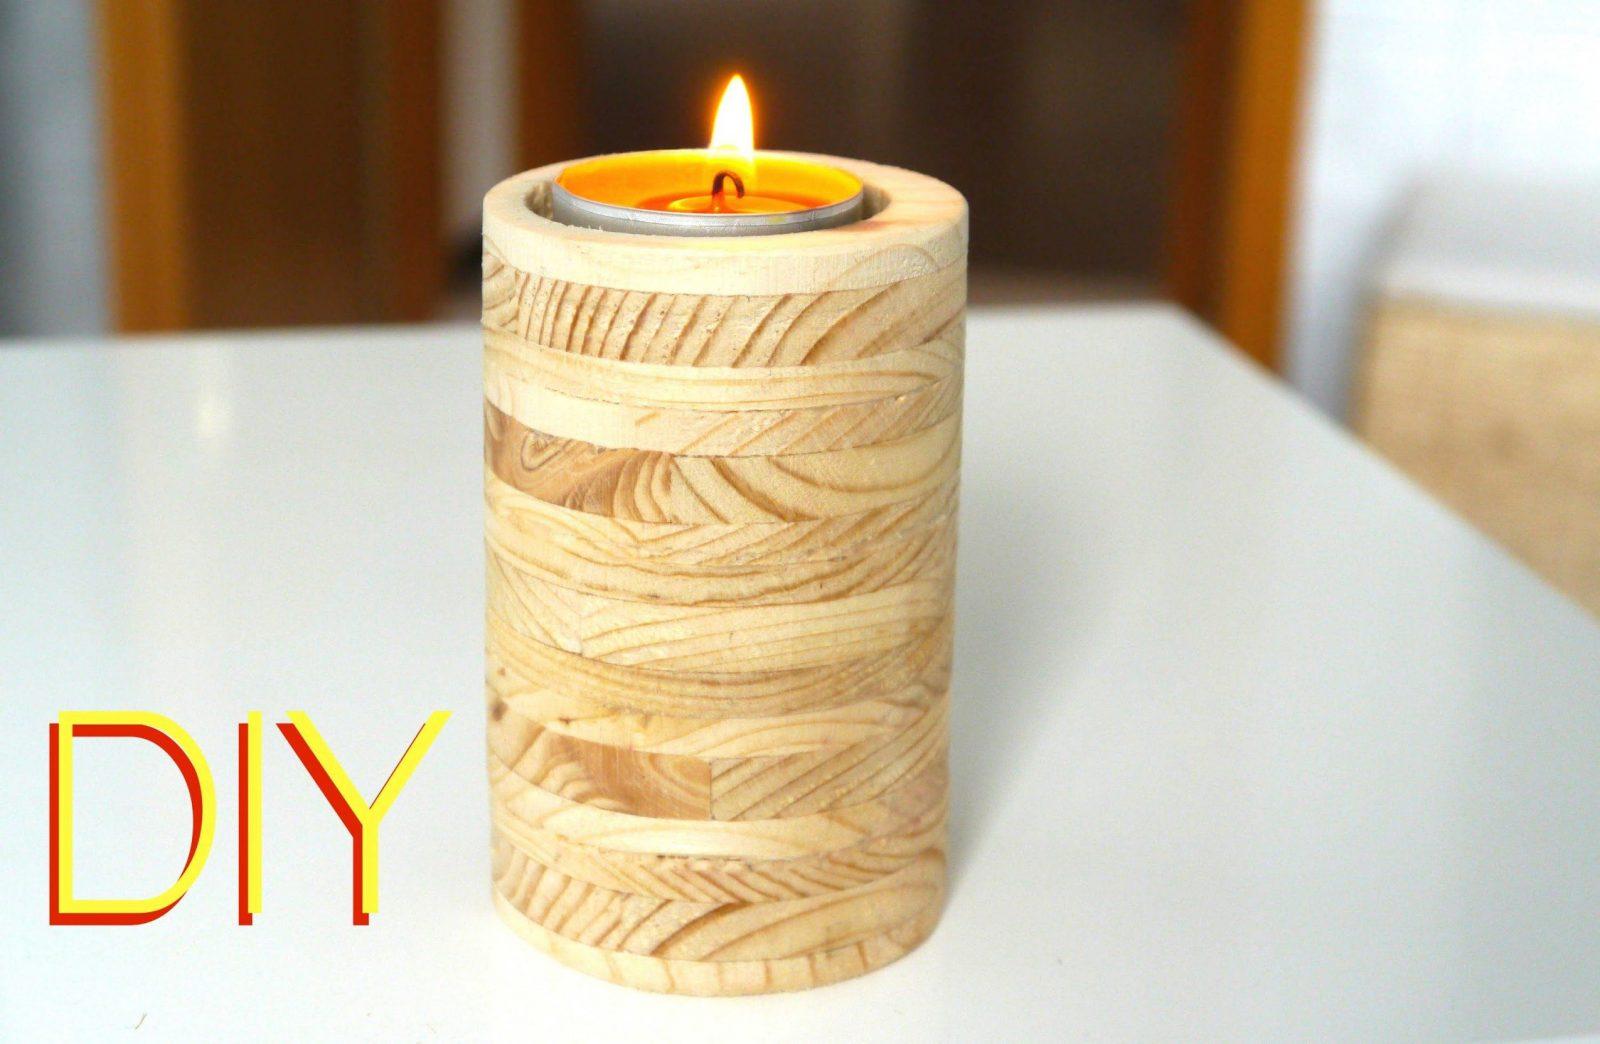 Diy ☆ Kerzenständer Aus Holz Anleitung  Youtube von Kerzenständer Selber Machen Holz Bild